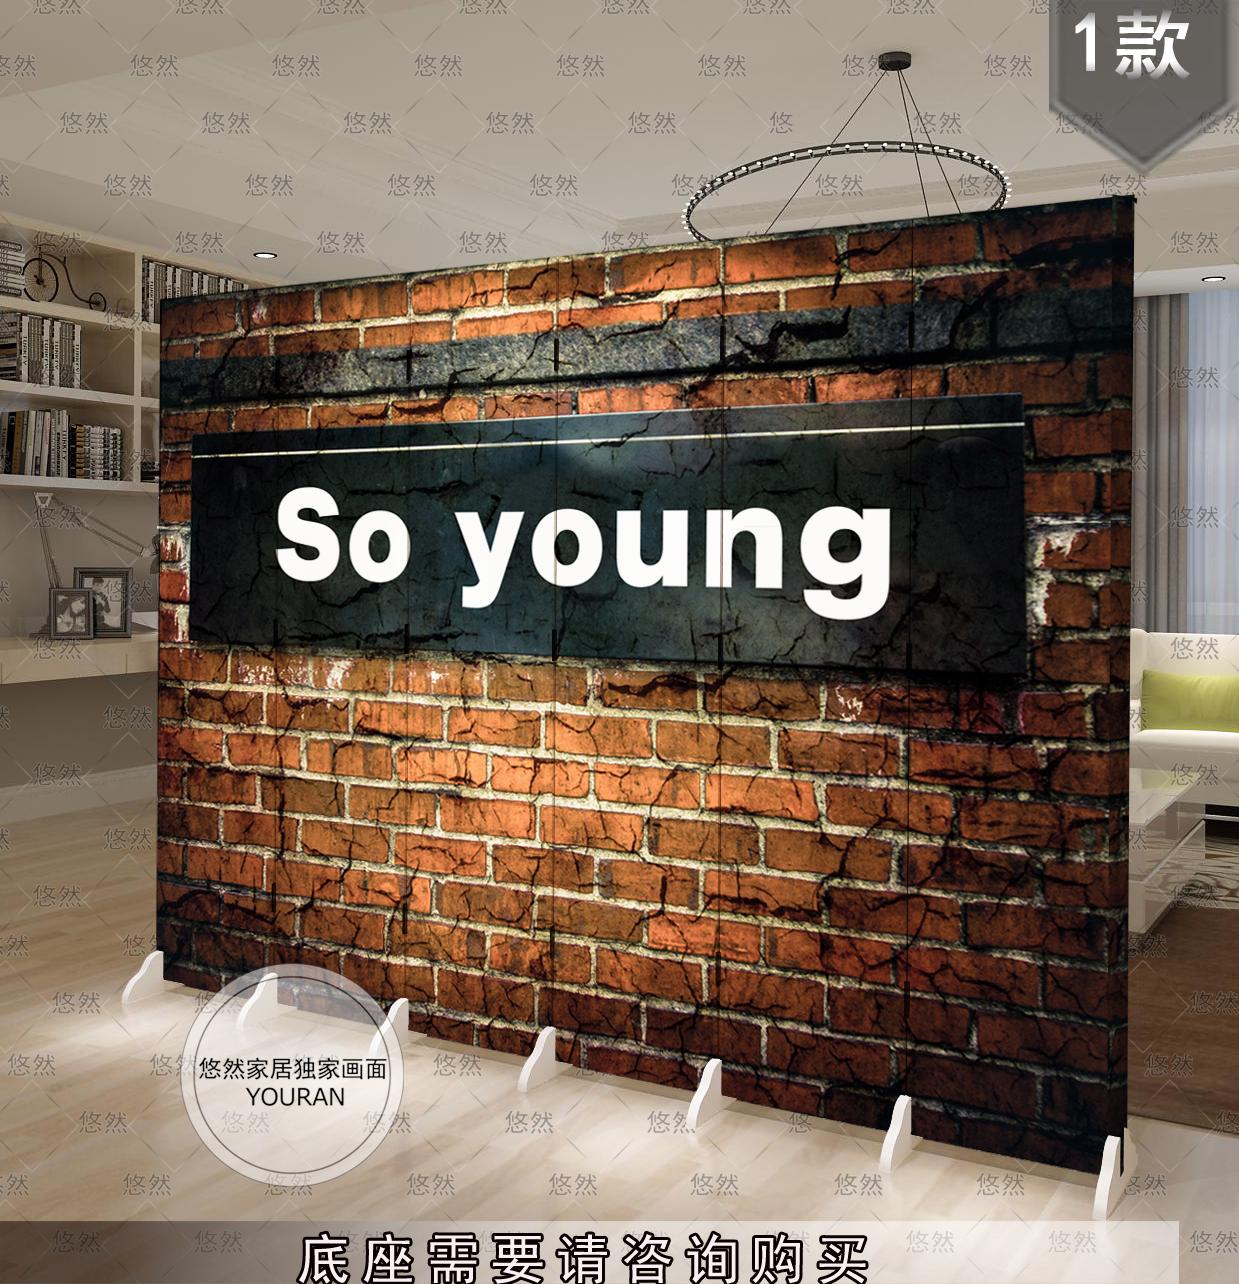 Экран отрезать сложить экран вход спальня гостиная офис бар магазин современный мода ретро стена континентальный прекрасный вид